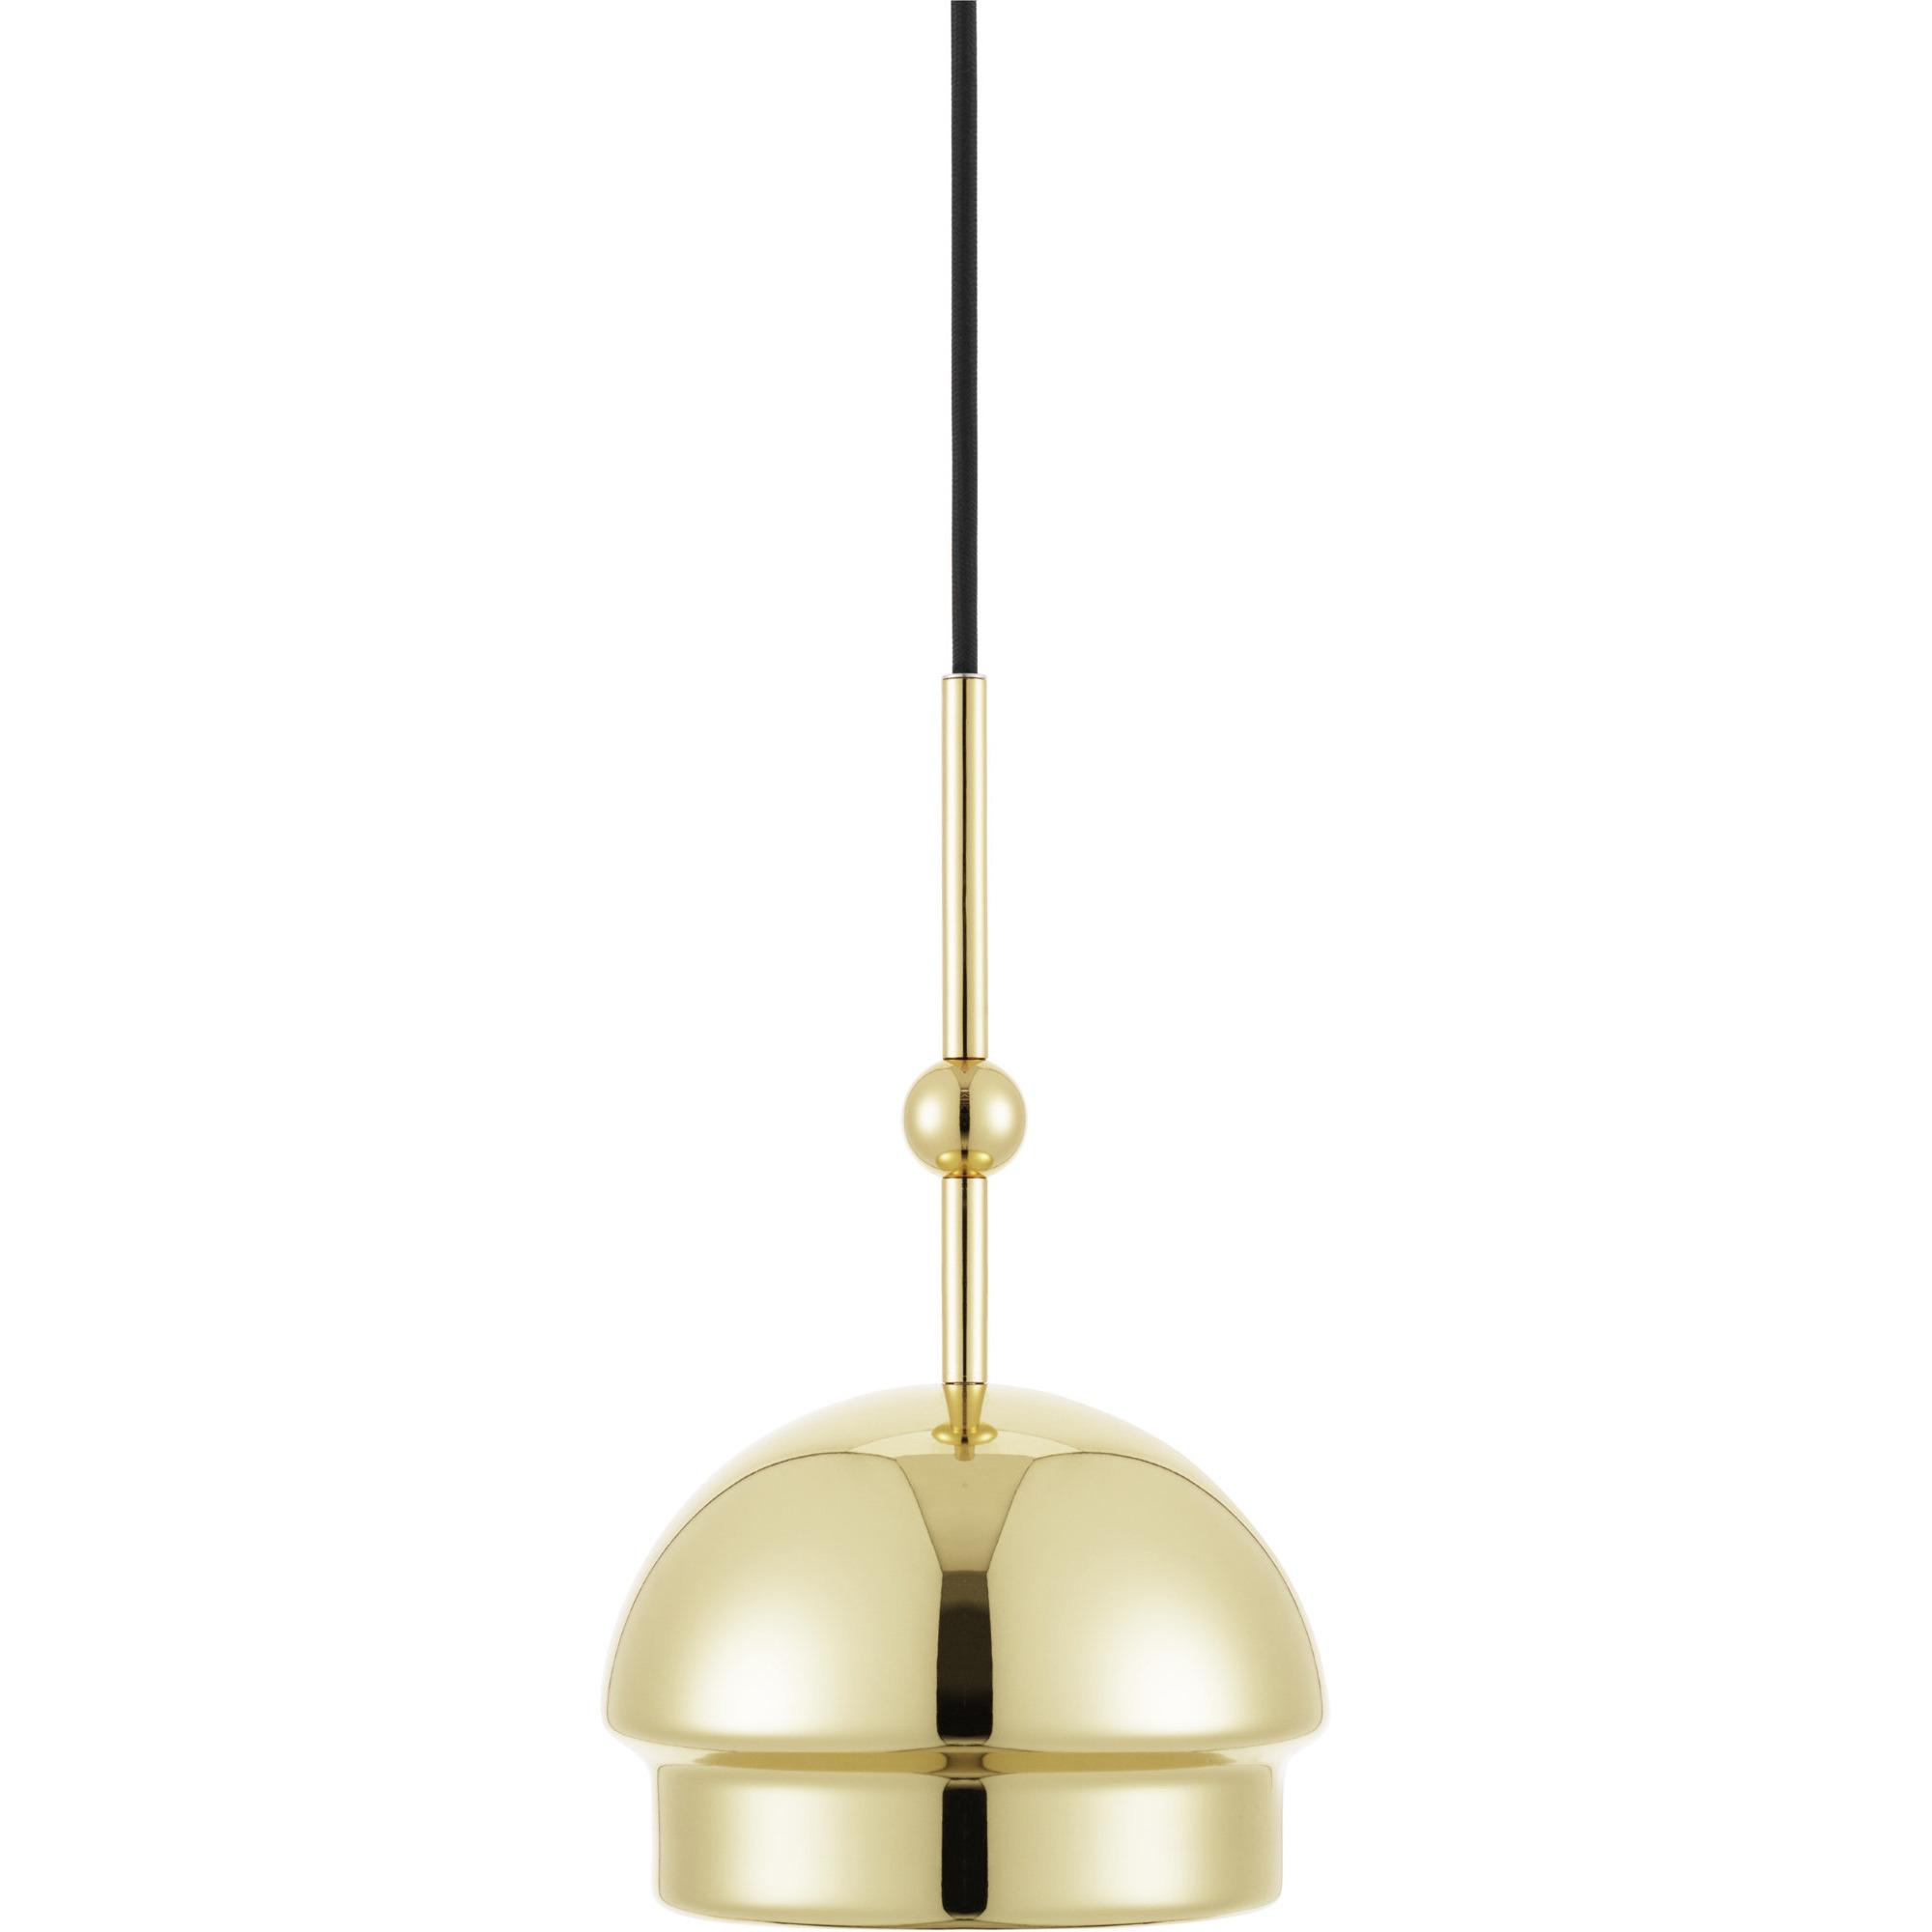 Normann Copenhagen Emperor Lampa Ø 19 cm EU Mässing